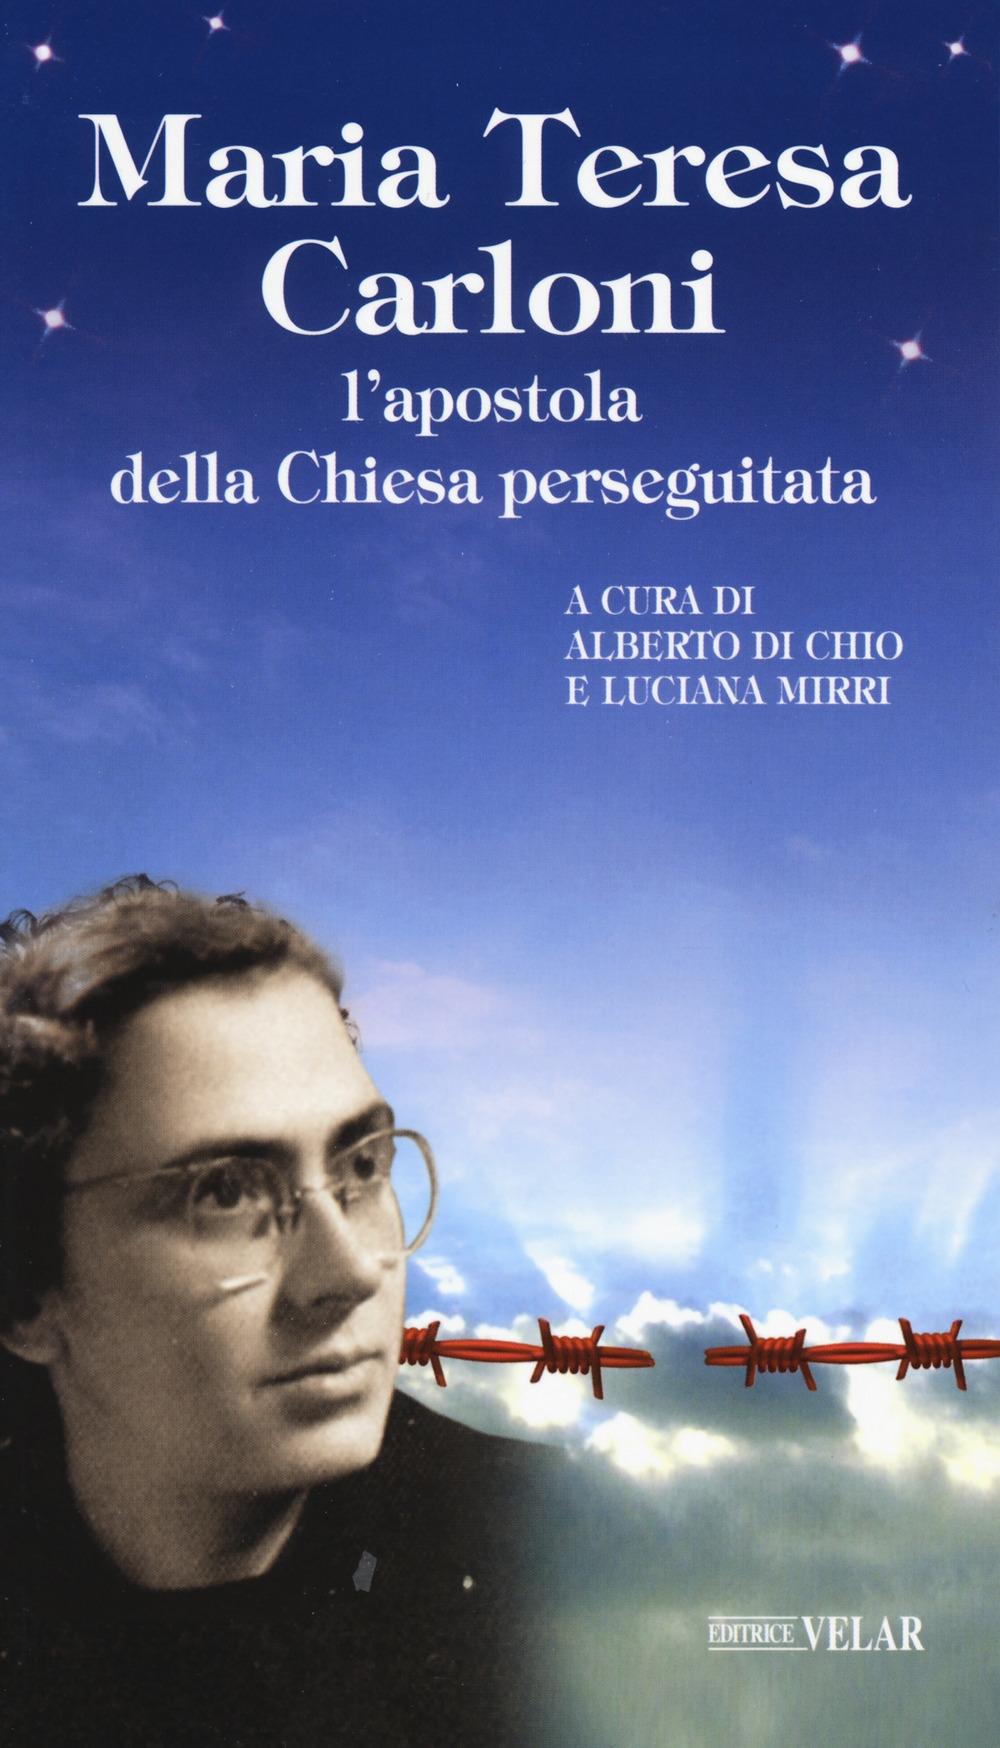 Maria Teresa Carloni. L'apostola della Chiesa perseguitata